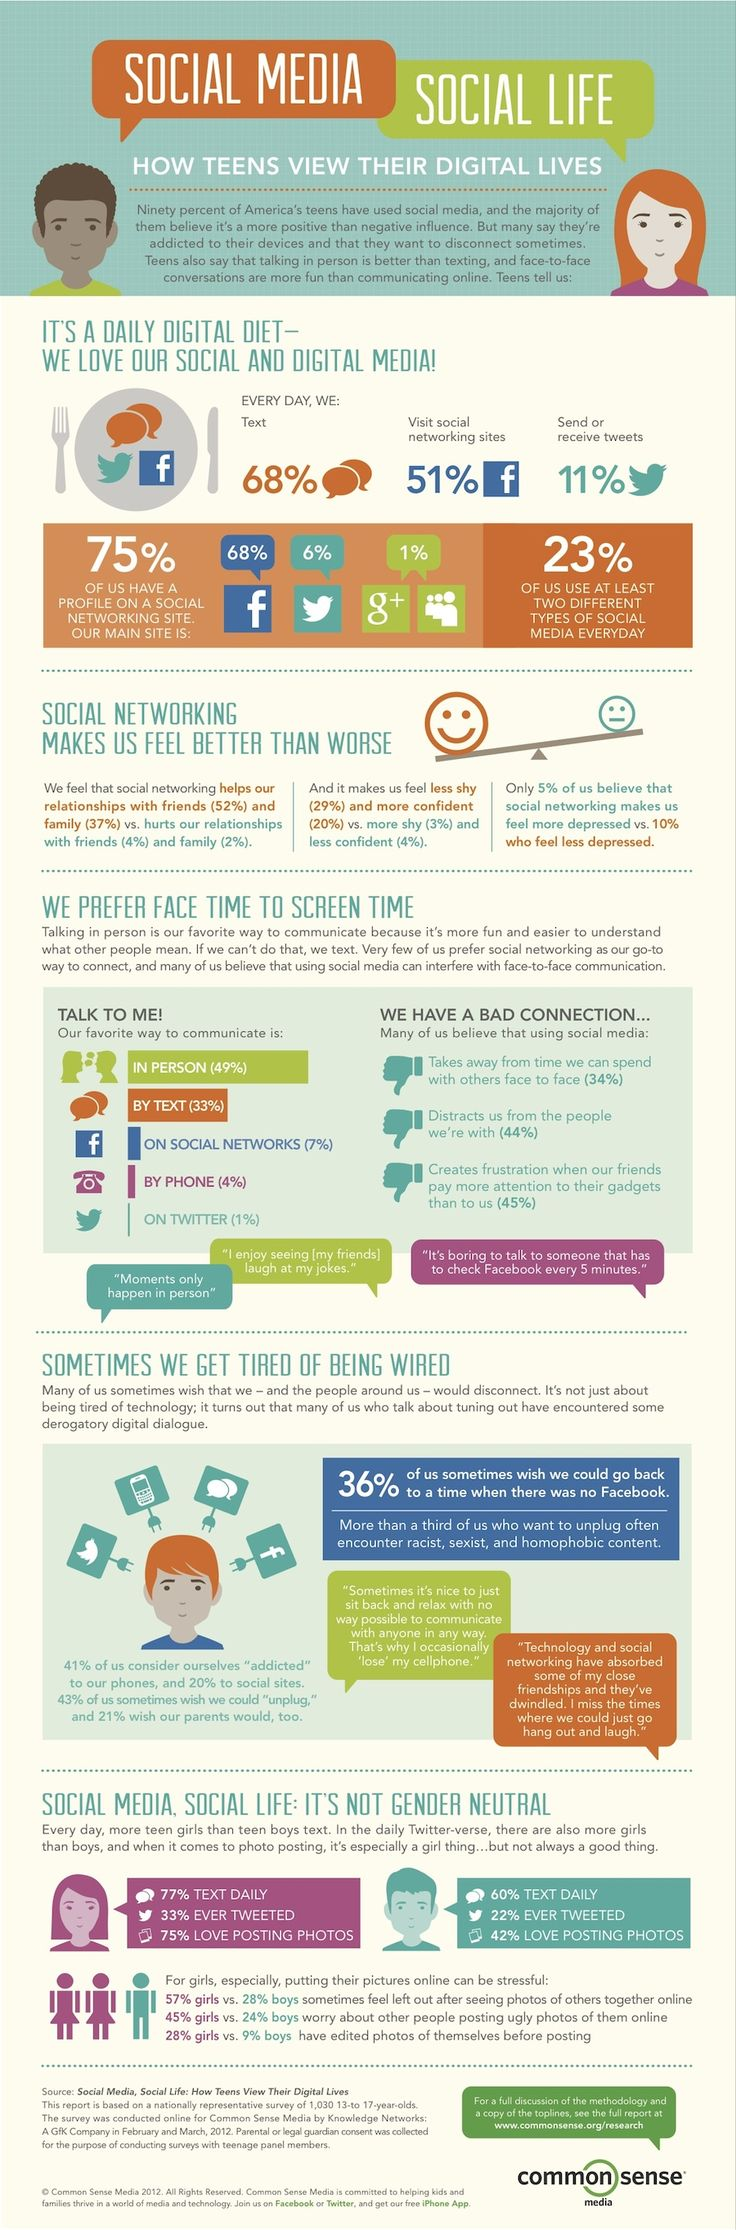 Cómo utilizan los jóvenes las #RedesSociales.: Las Rede, Social Life, Website, Social Media, Internet Site, Digital Living, Socialmedia Infographic, Rede Social, Teen View